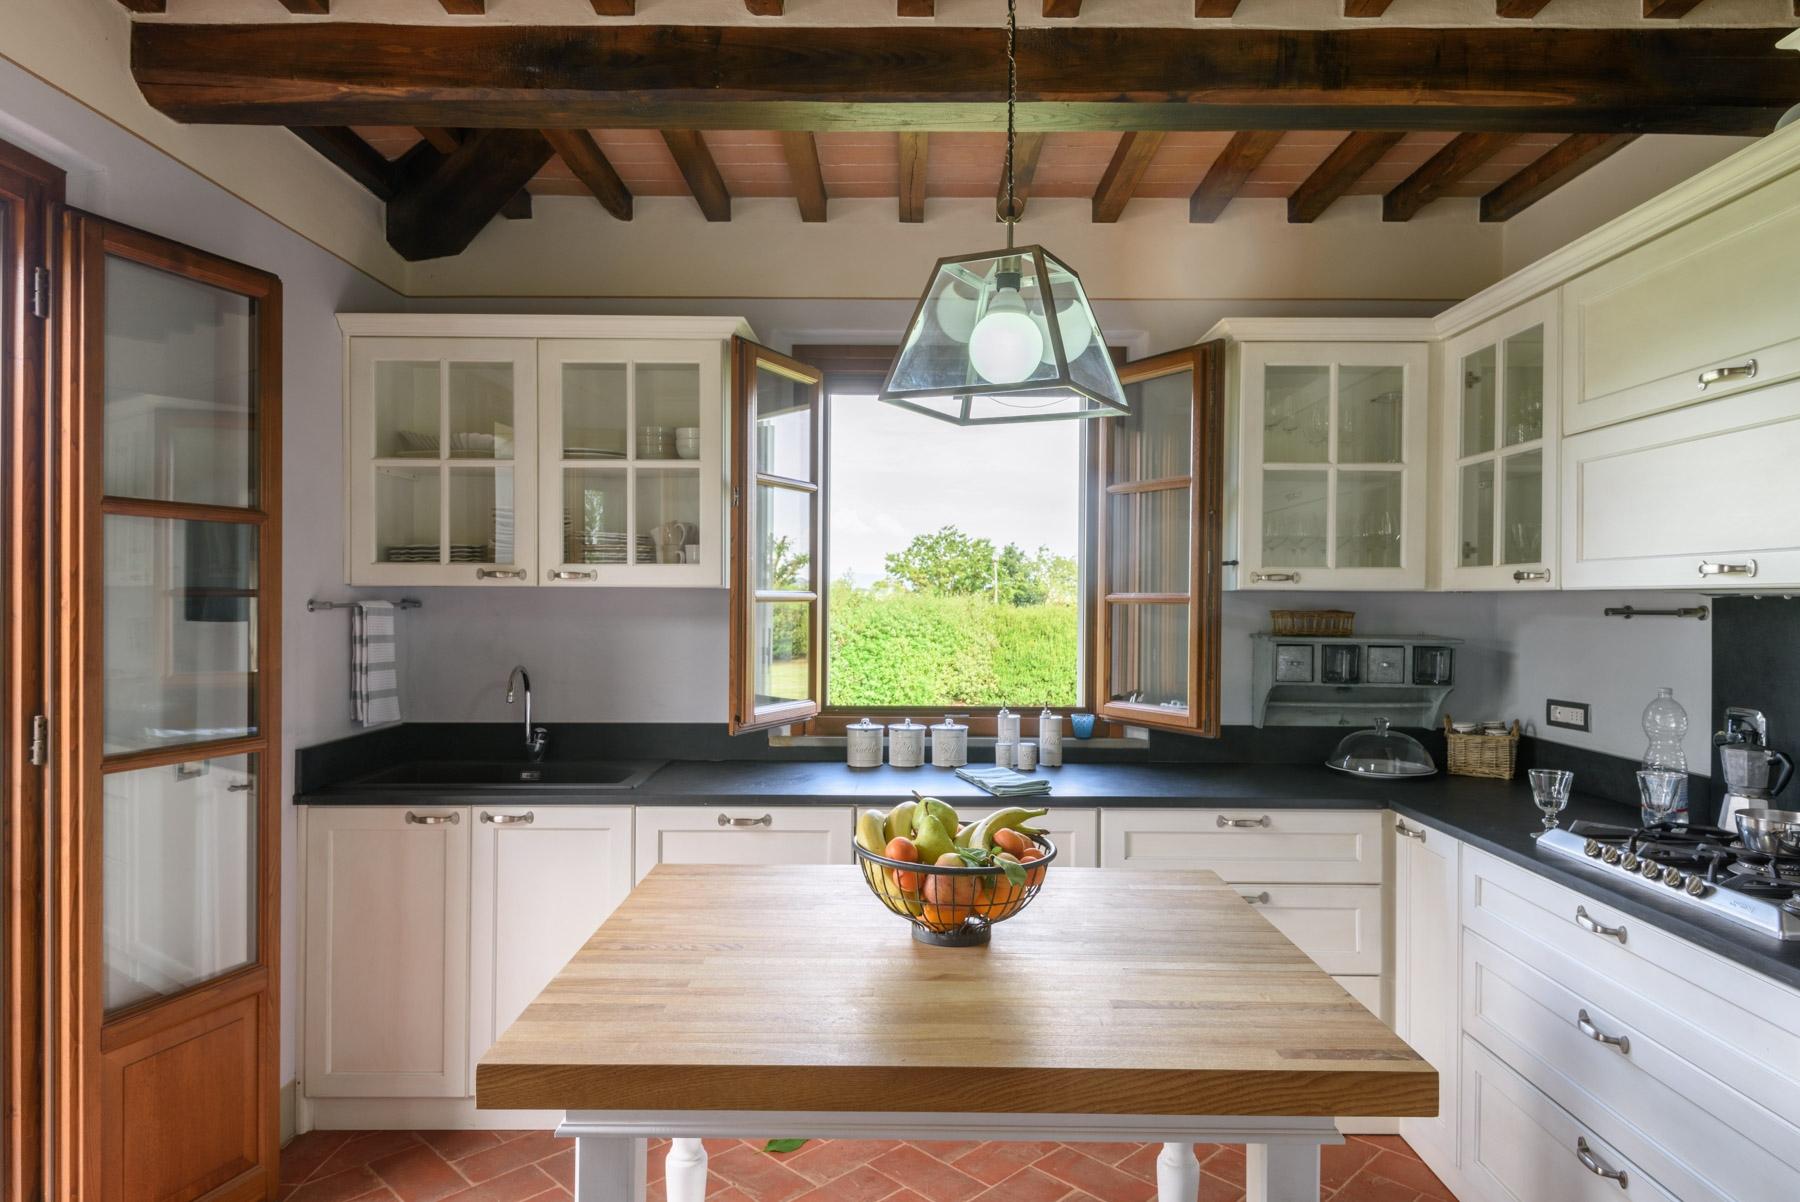 Villa in Vendita a Cortona: 5 locali, 246 mq - Foto 6